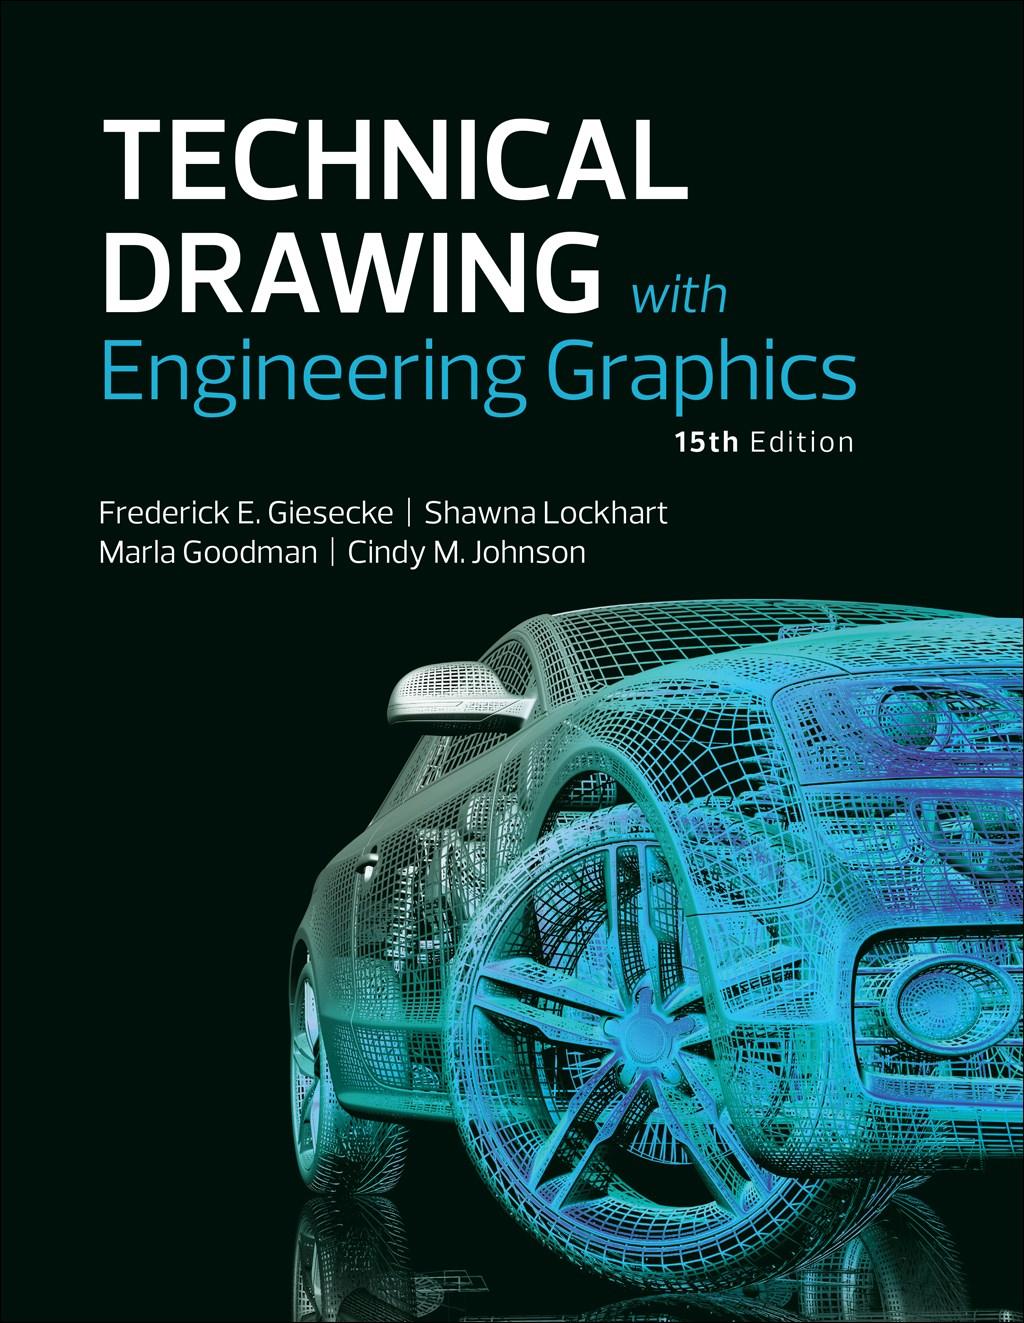 دانلود کتاب جدید ترسیم فنی برای مهندسین Technical Drawing with Engineering Graphics